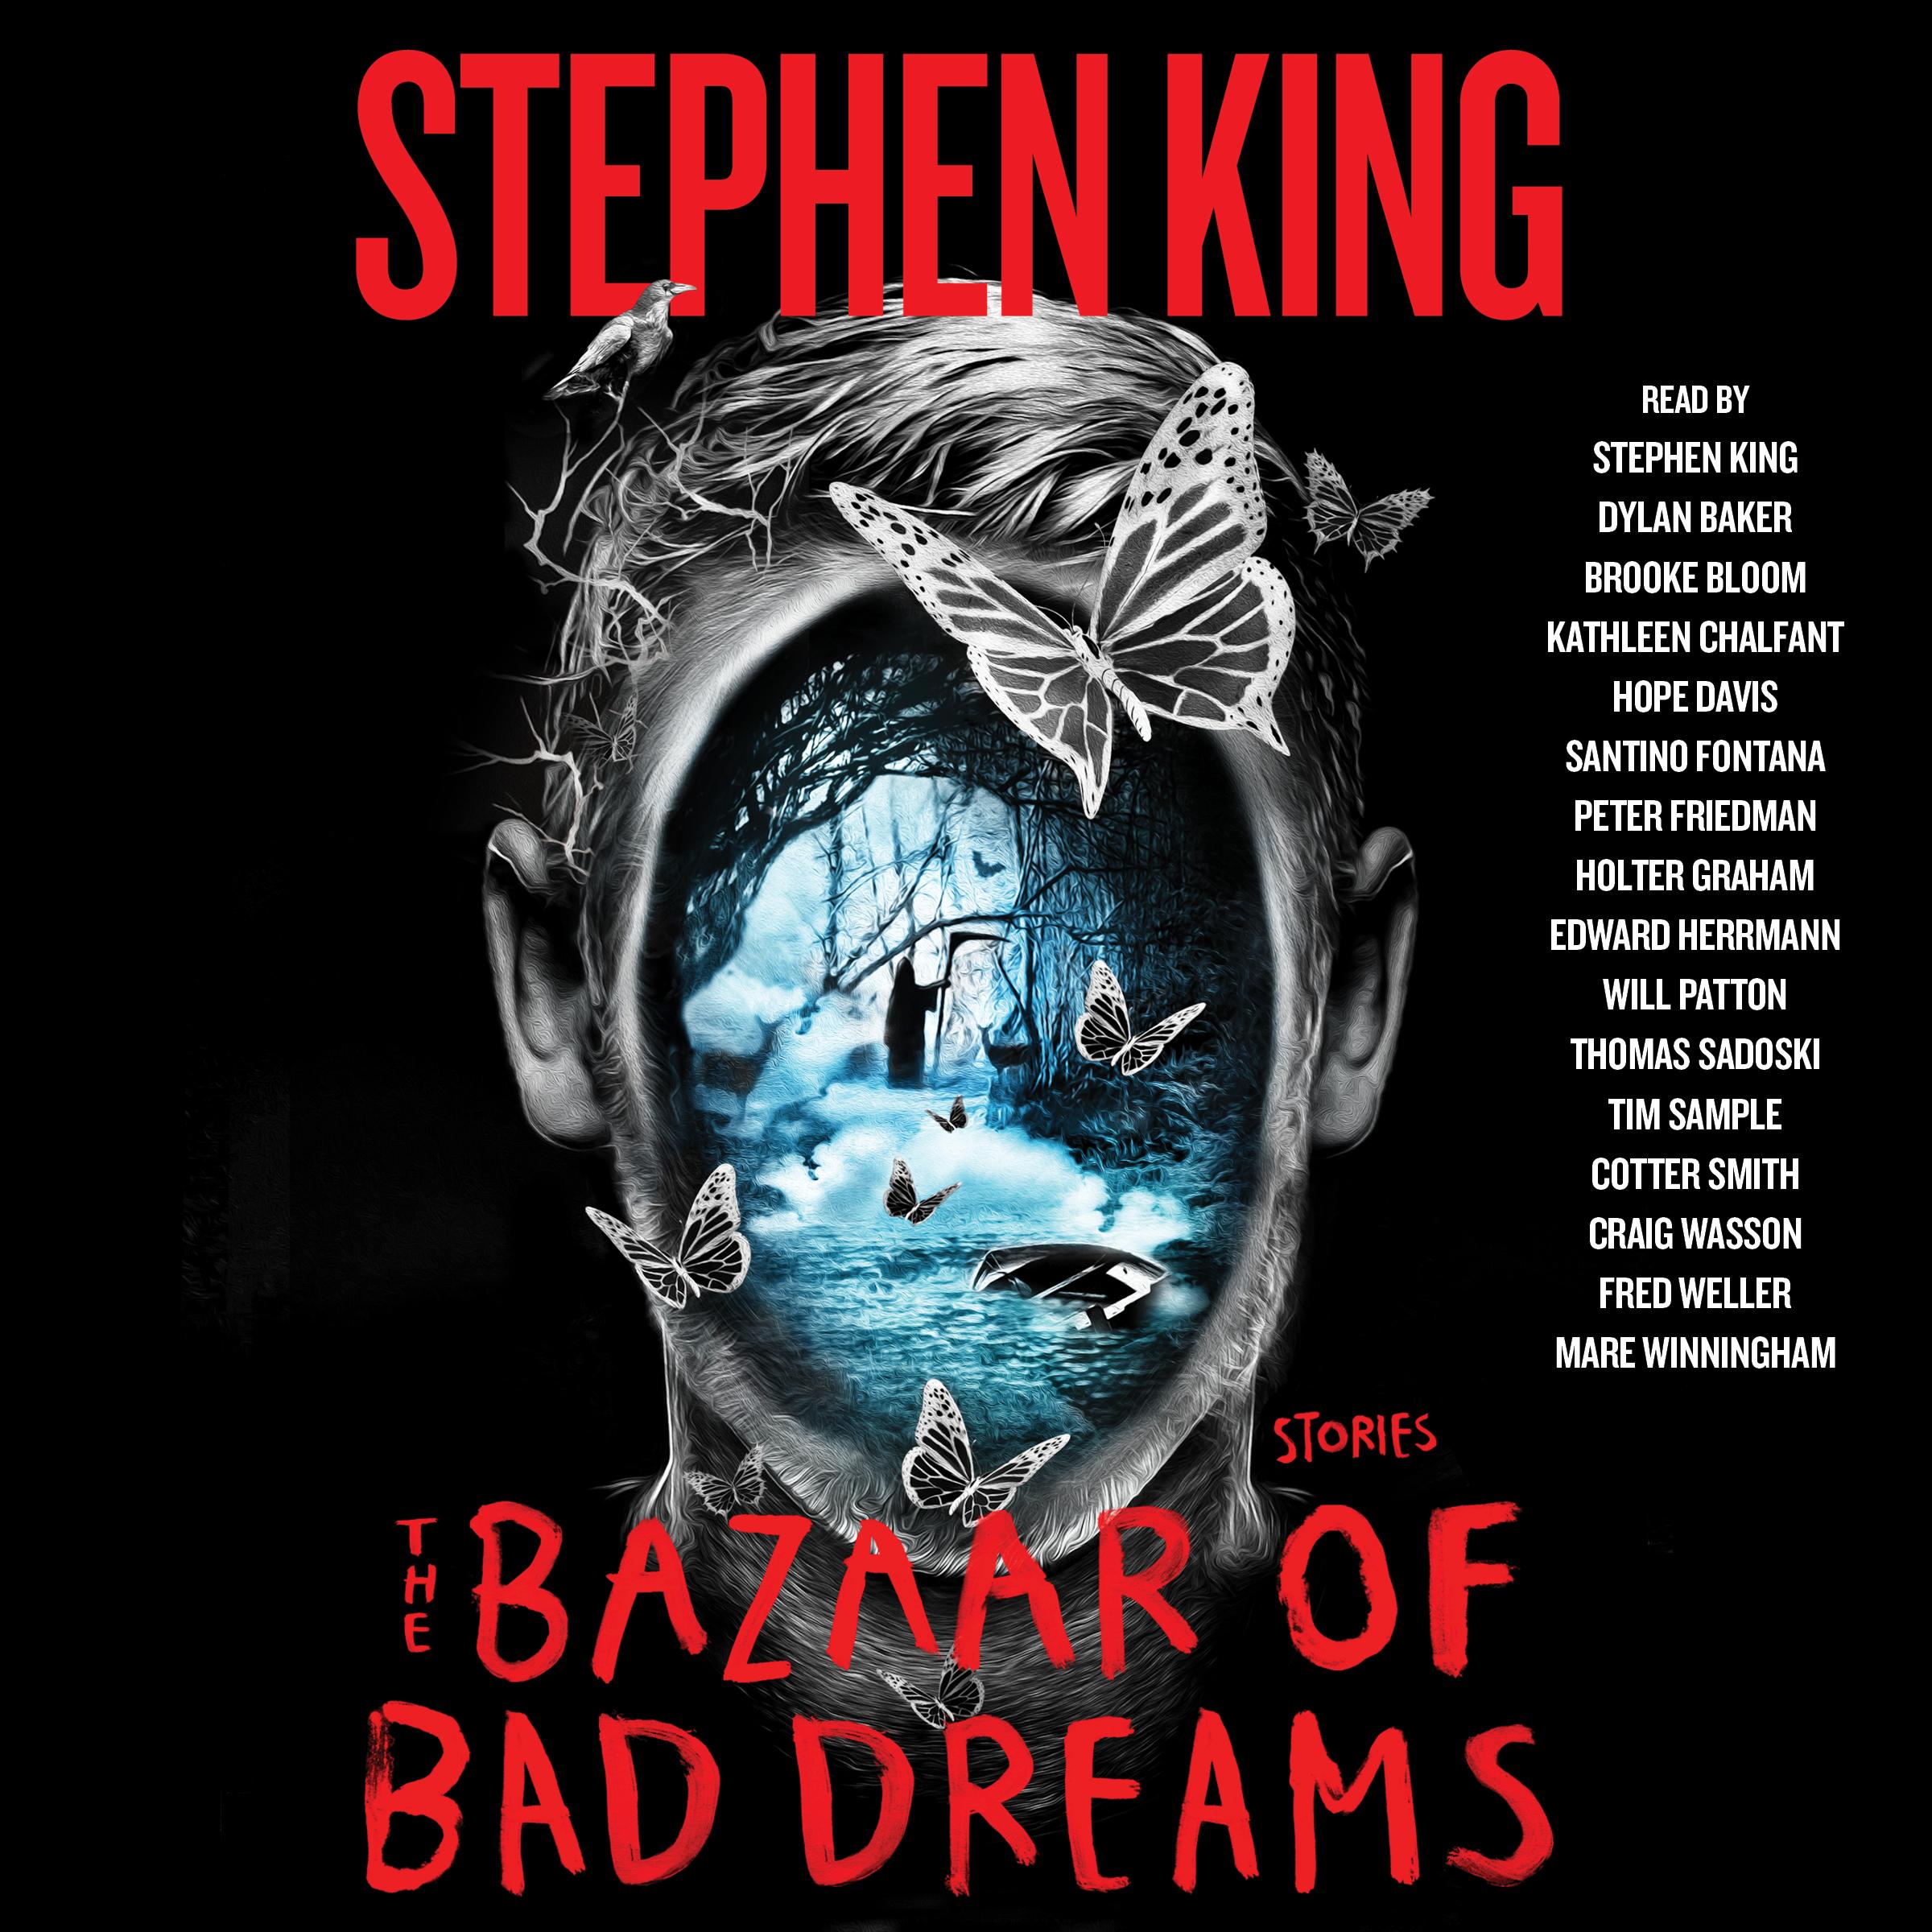 The bazaar of bad dreams 9781442388512 hr